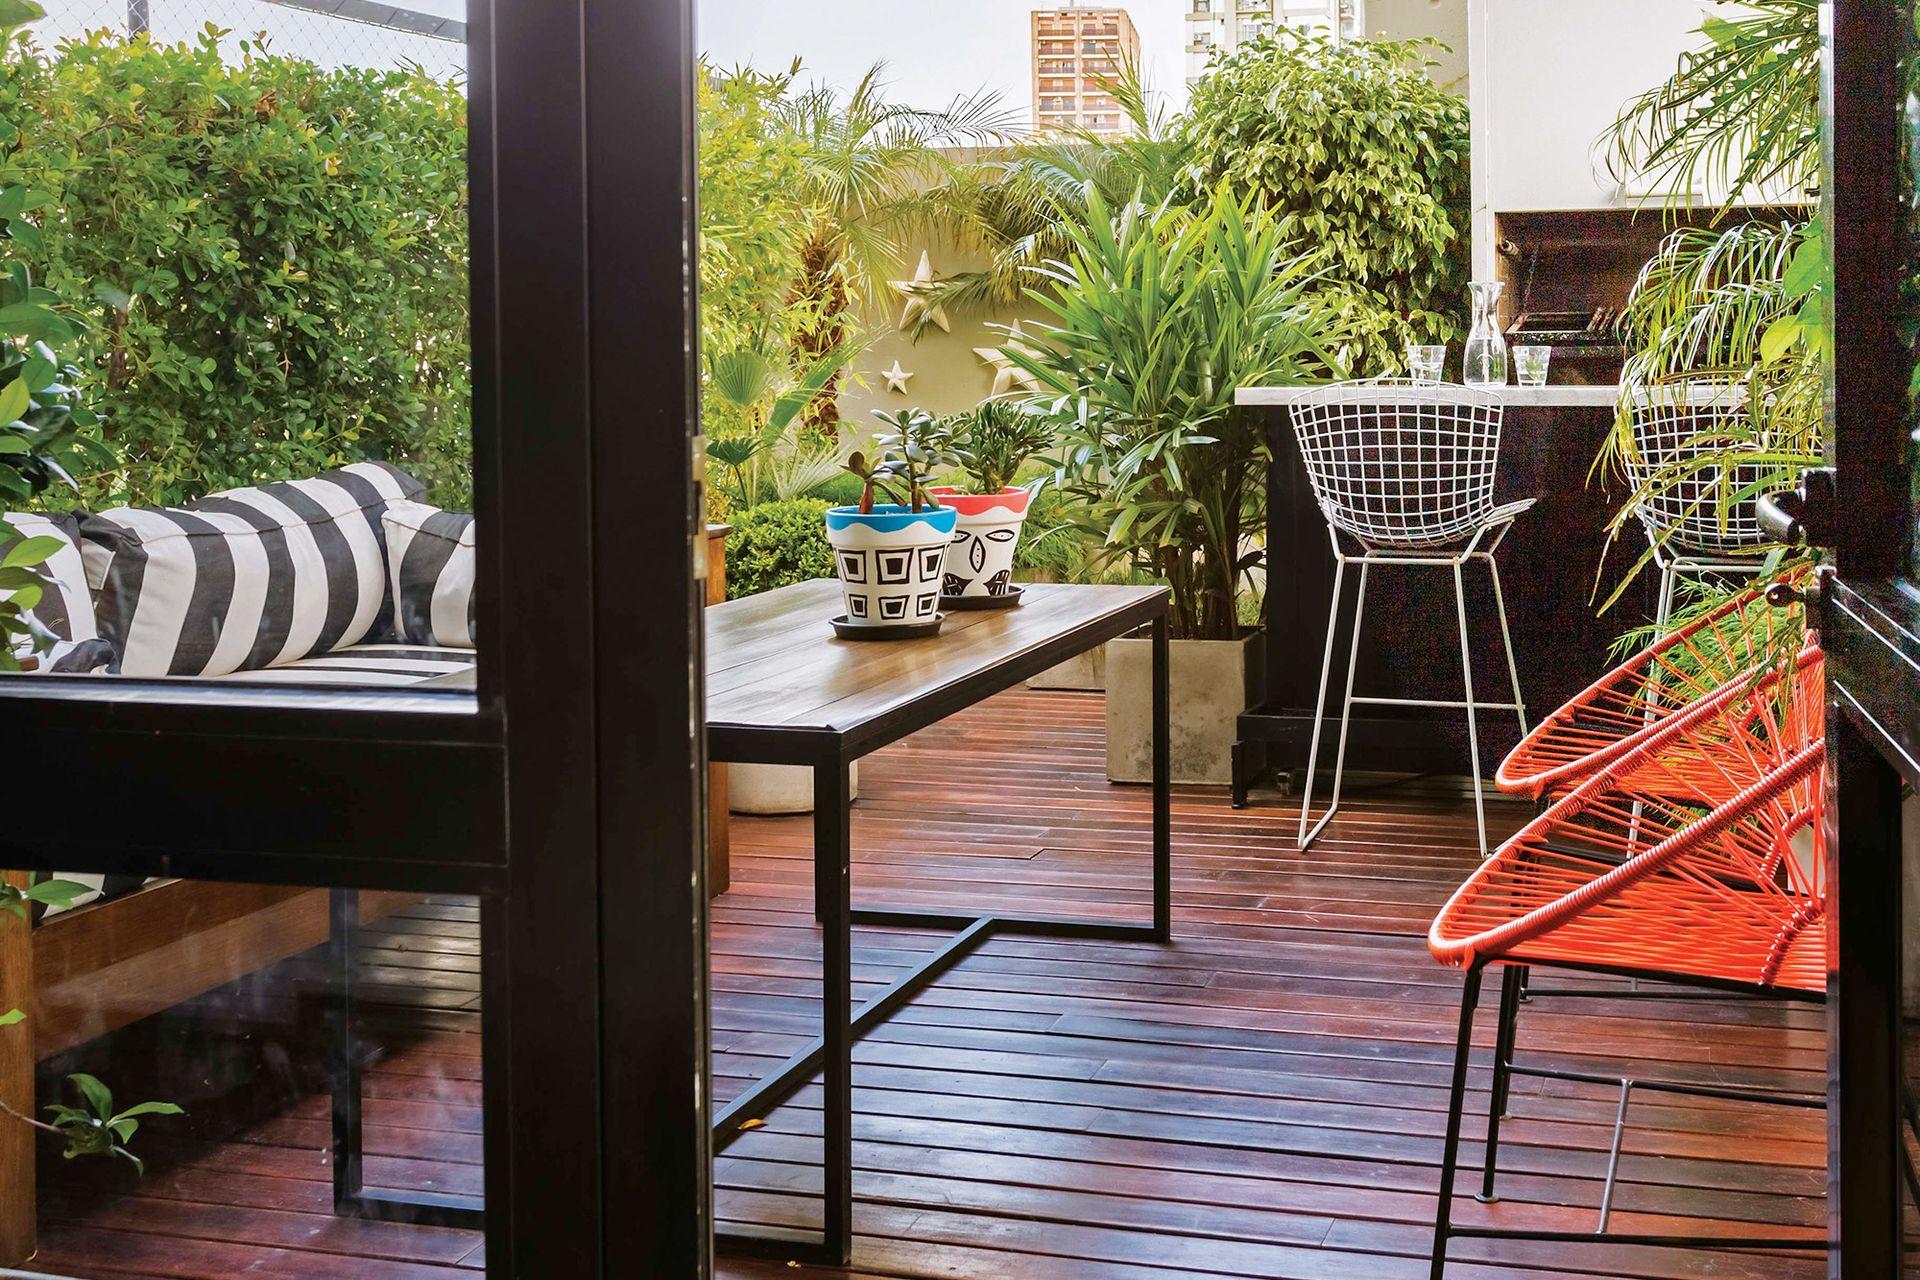 El espacio al aire libre se trazó como un auténtico ambiente, y se organizó en dos zonas: junto a la parrilla, la barra con banquetas 'Bertoia'; cerca de la puerta, un living con sillas 'Acapulco', mesa baja y sillón de madera con almohadones impermeables.